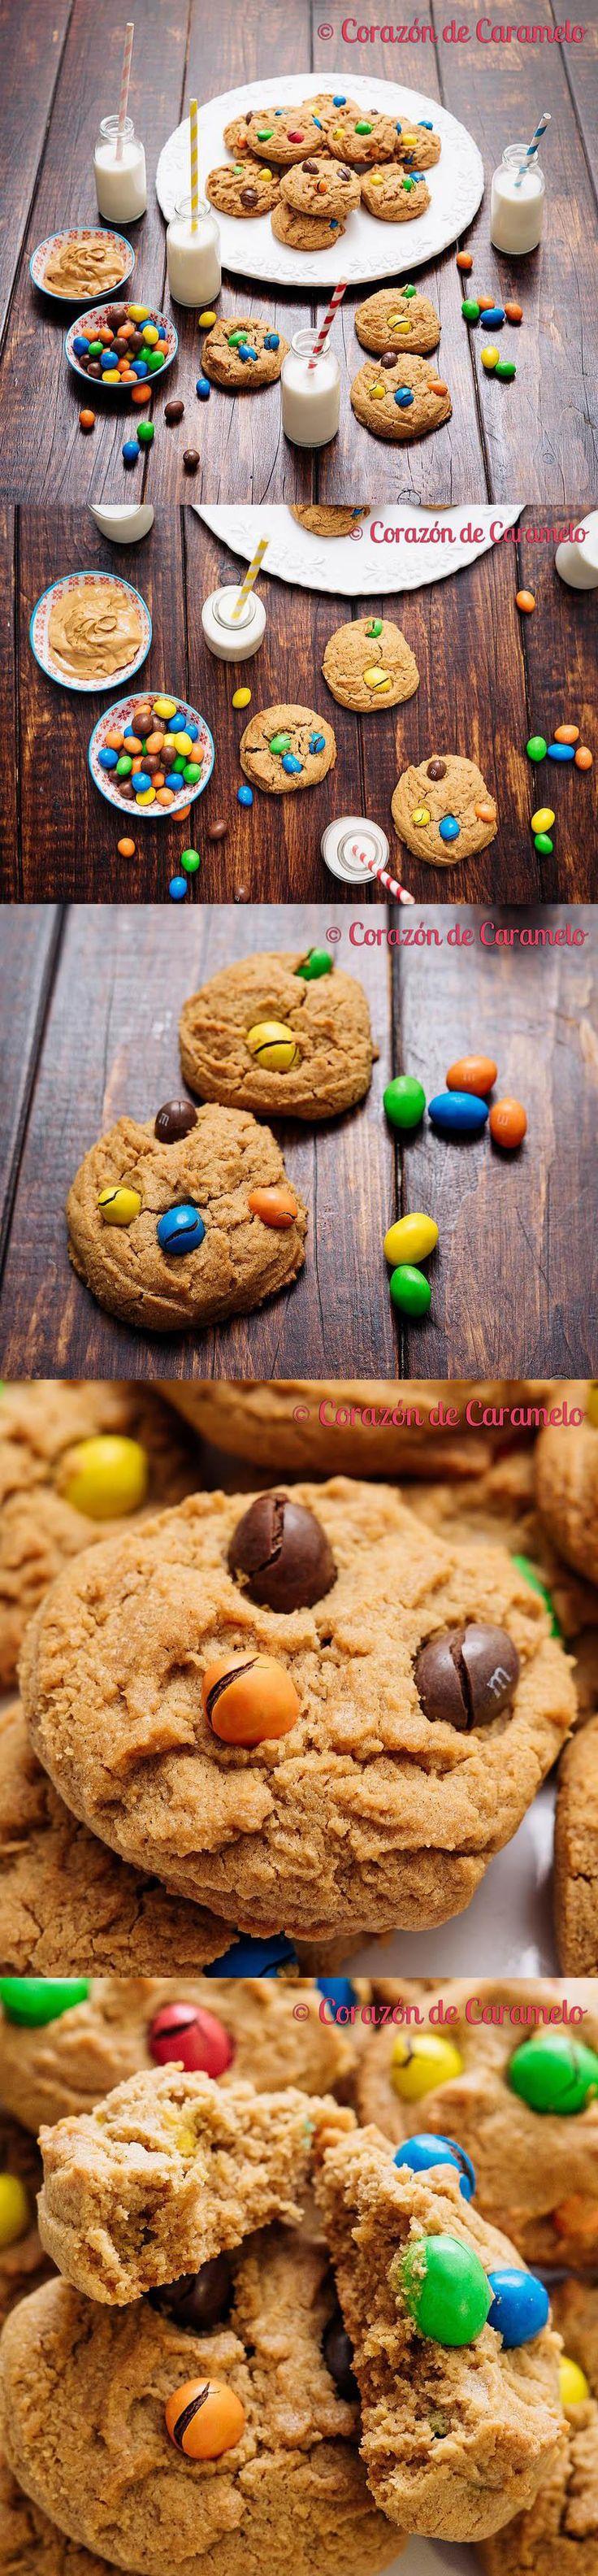 Galletas de mantequilla de maní o cacahuete con M&Ms de chocolate. Unas galletas exquisitas, divertidas y adictivas, perfecta para los más pequeños.